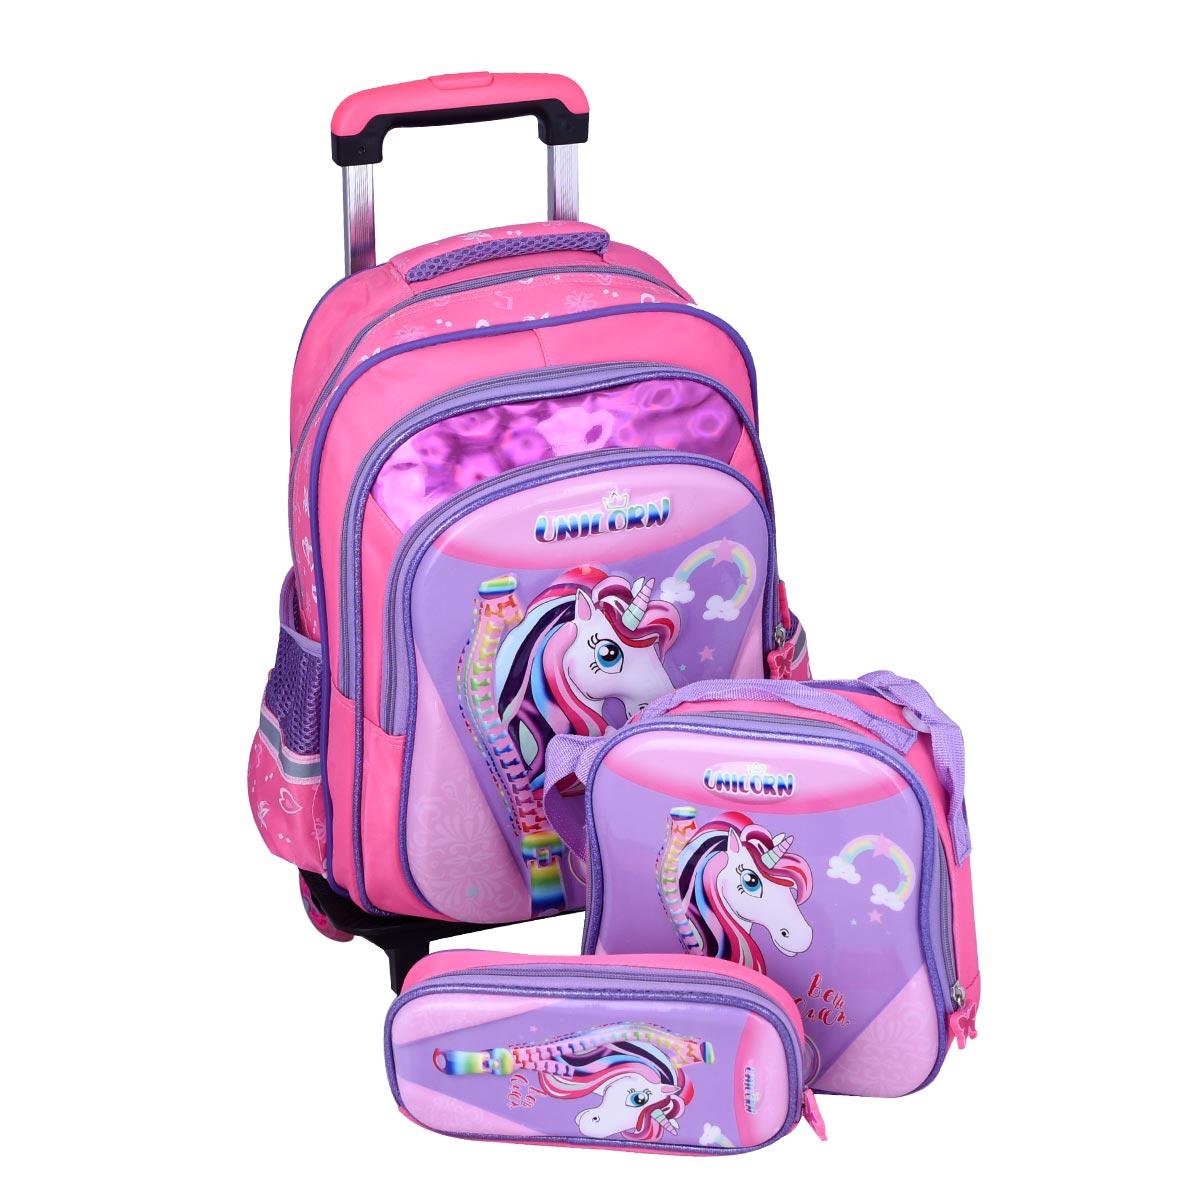 حقيبة ظهر مدرسية , بعجلات وملحقاتها , 1 * 3  موديل YM-21504